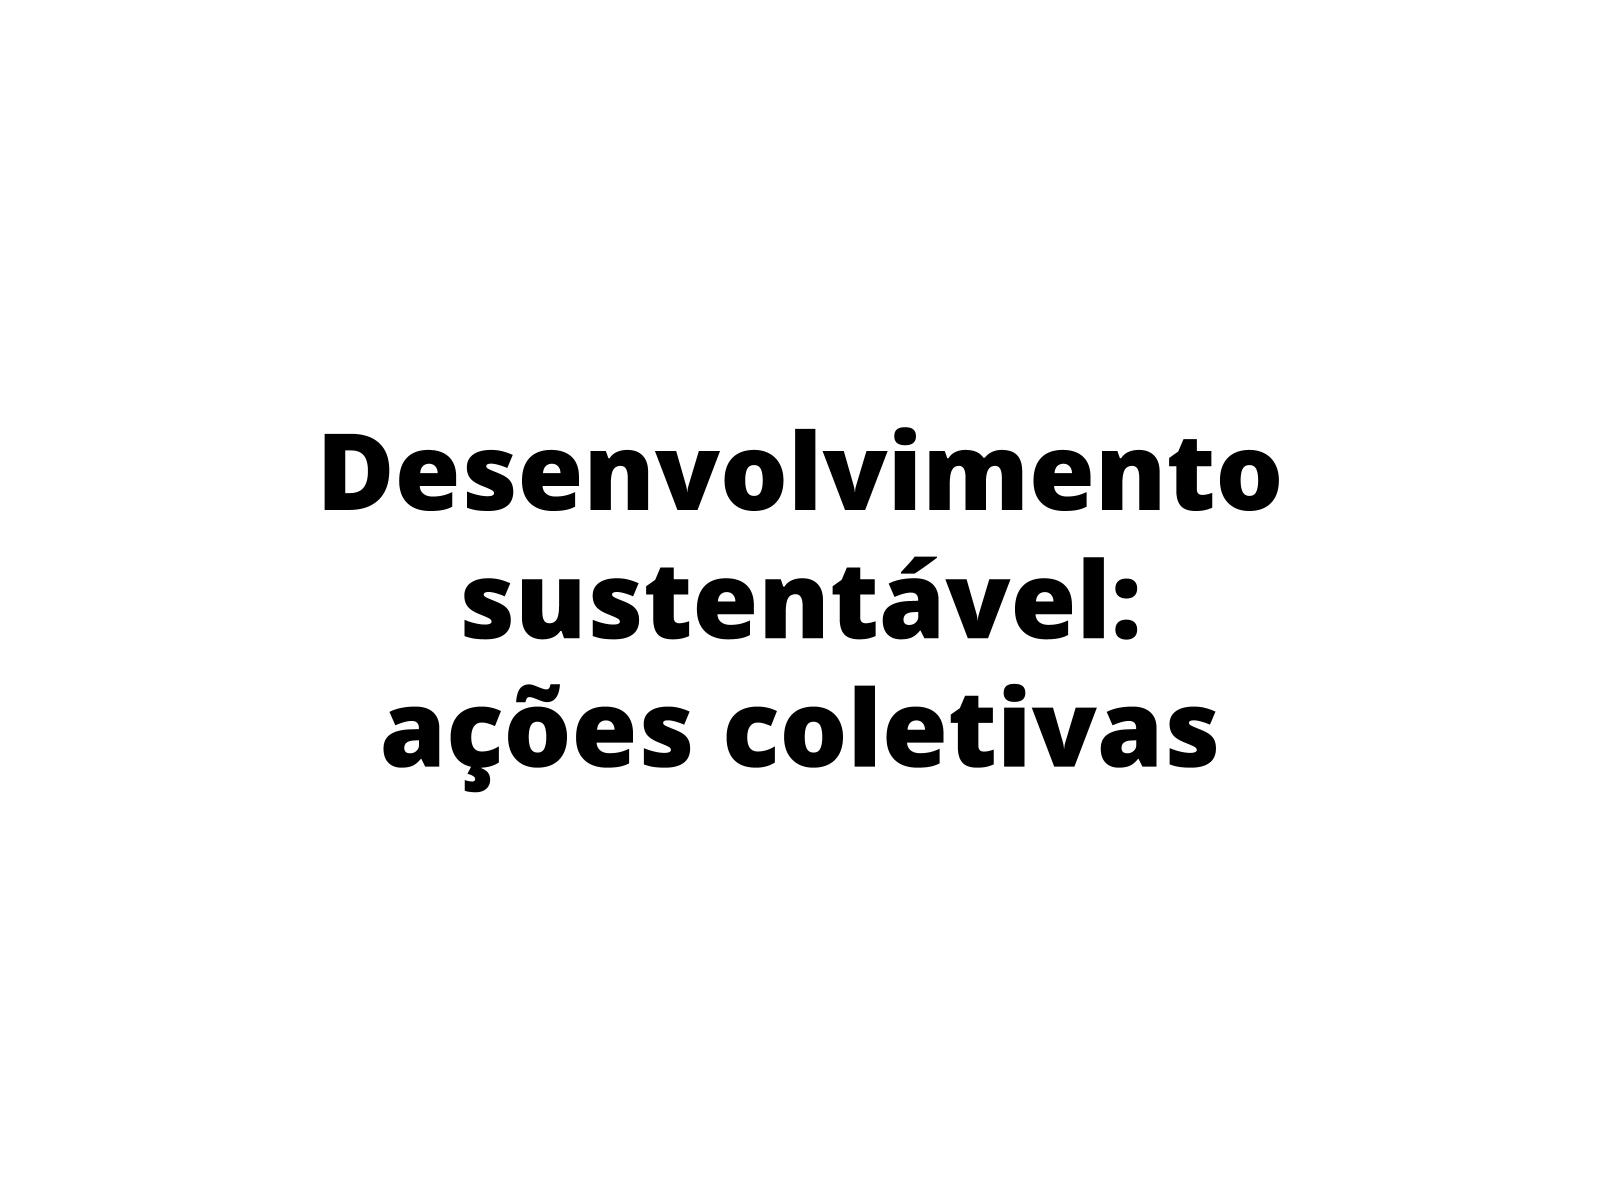 Sustentabilidade - Ações coletivas